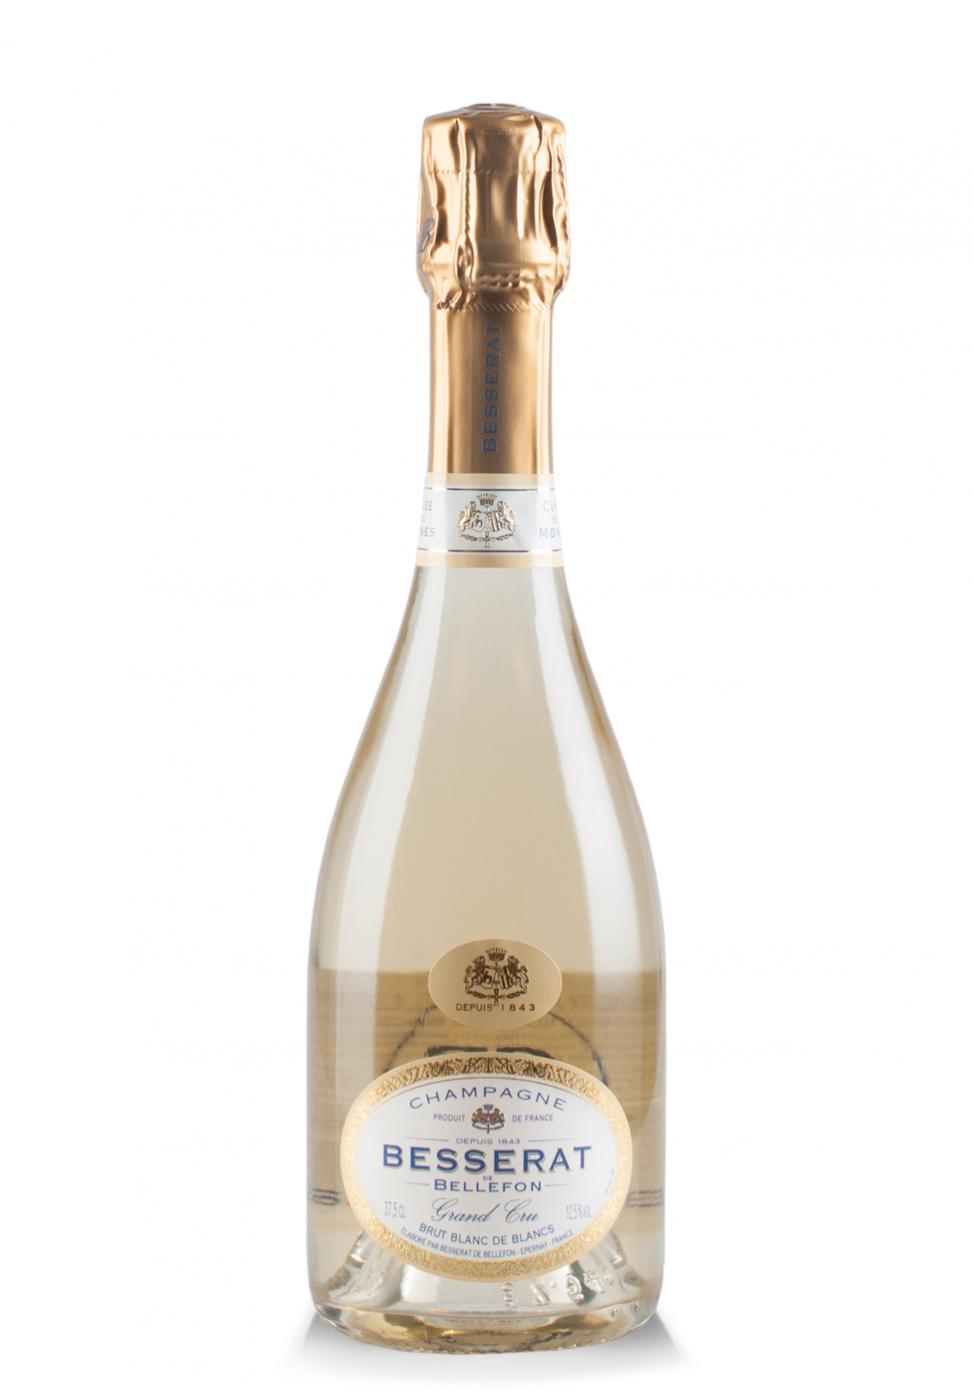 Champagne Besserat de Bellefon, Cuvée des Moines, Brut Blanc de Blancs (0.375L)